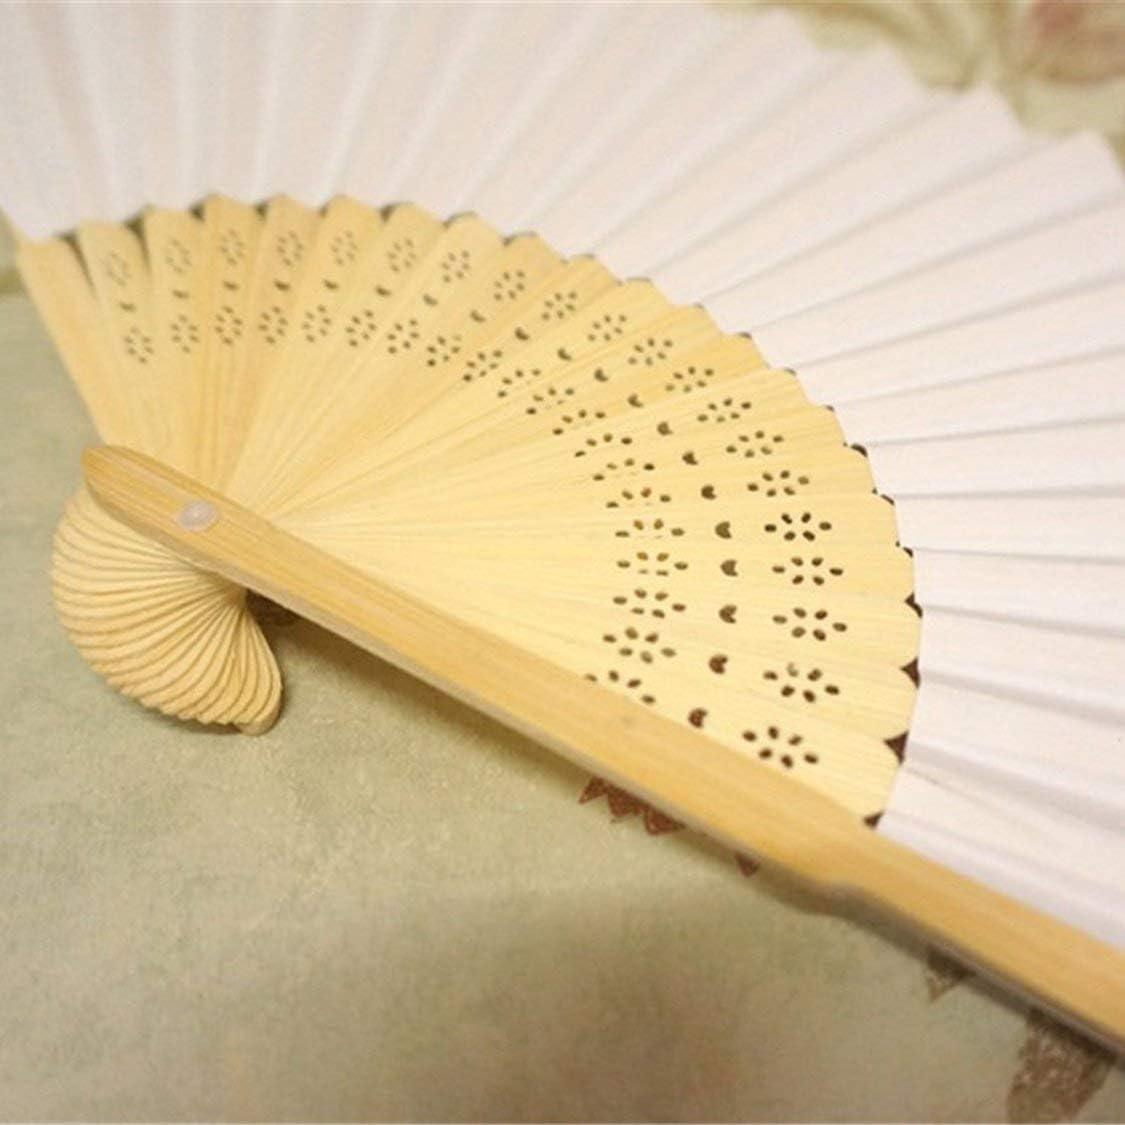 Ventilateur pliable style chinois ventilateur /ét/é voyage en plein air ventilateurs de refroidissement Ventilateur pliant universels ventilateurs d/écoratifs Home Decor beige